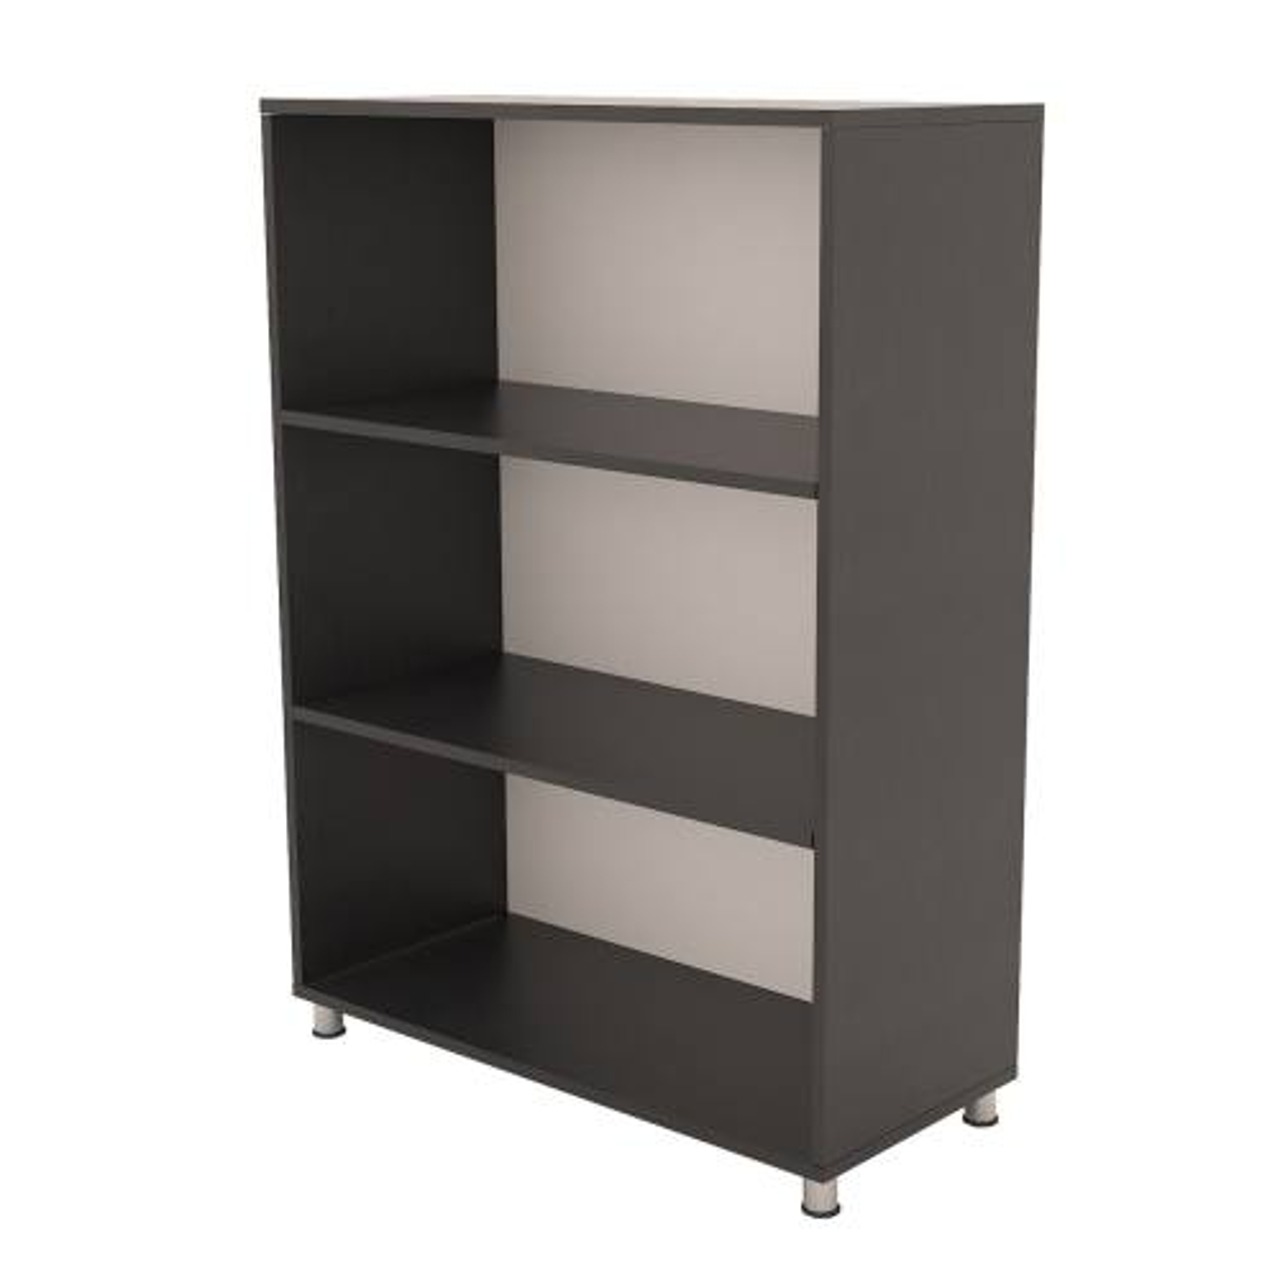 قفسه  ام دی اف سازینه چوب سری هیرو مدل S-S901-D